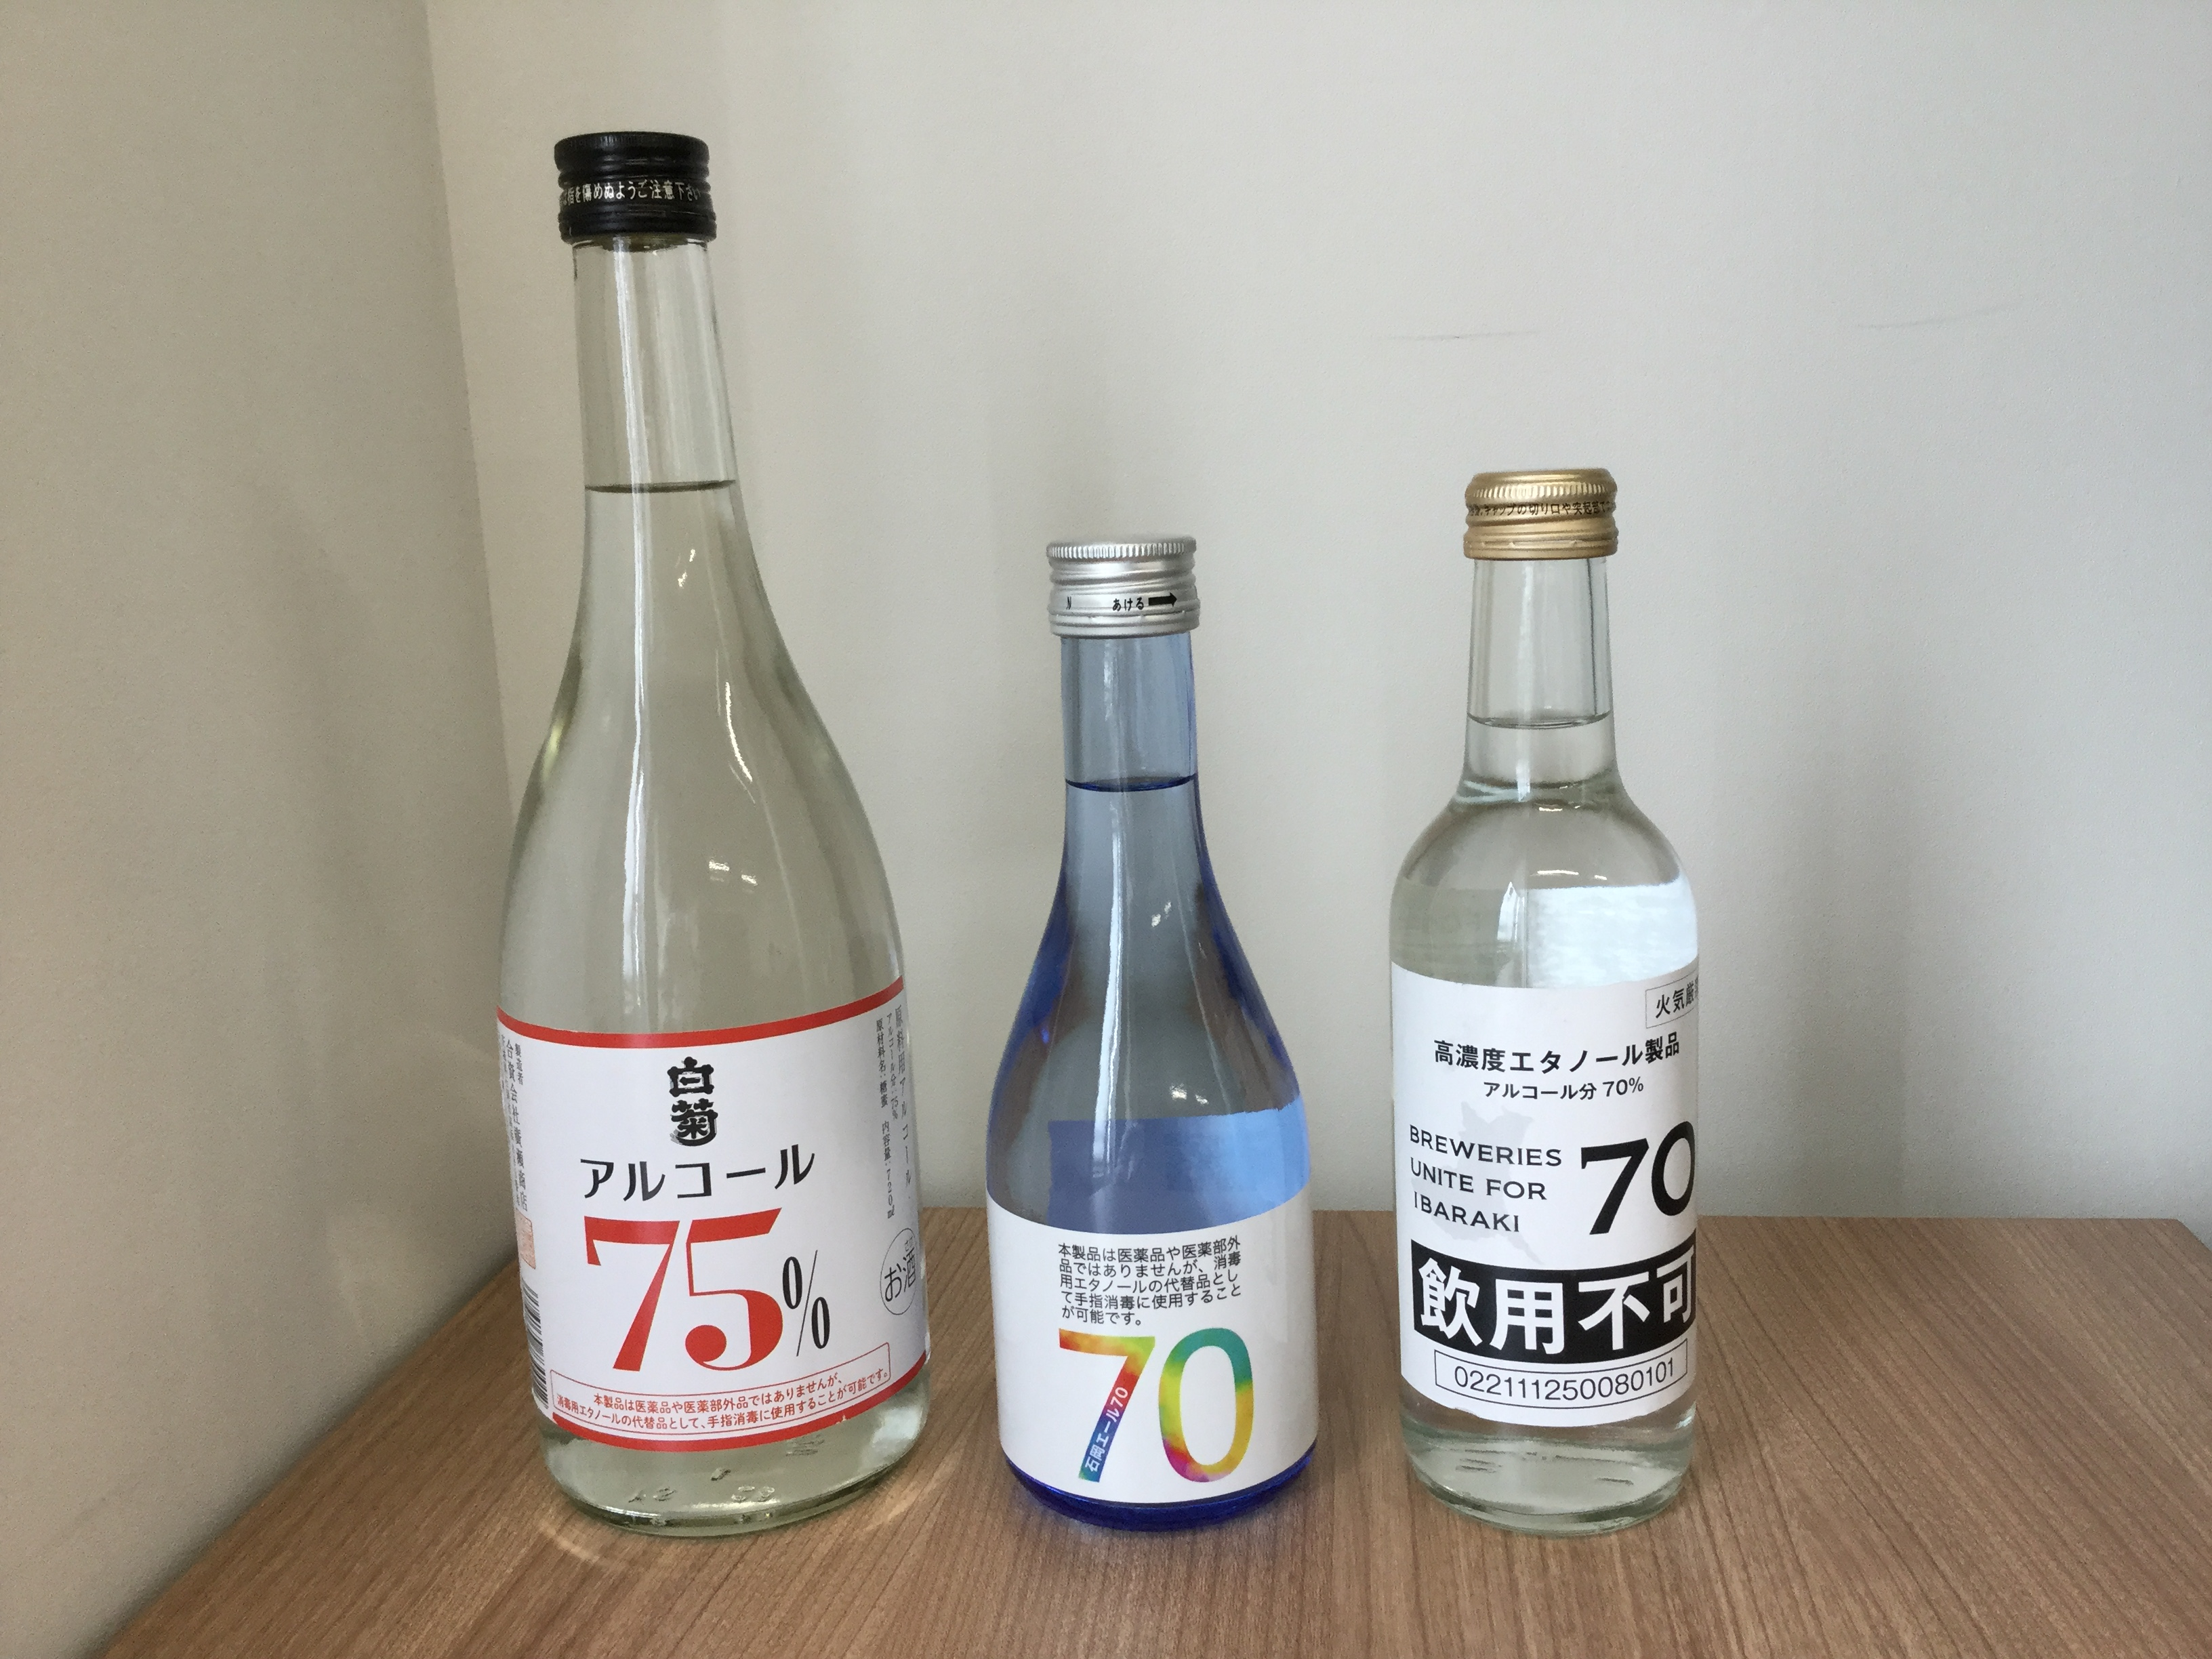 『『『市内酒造会社製造消毒液』の画像』の画像』の画像